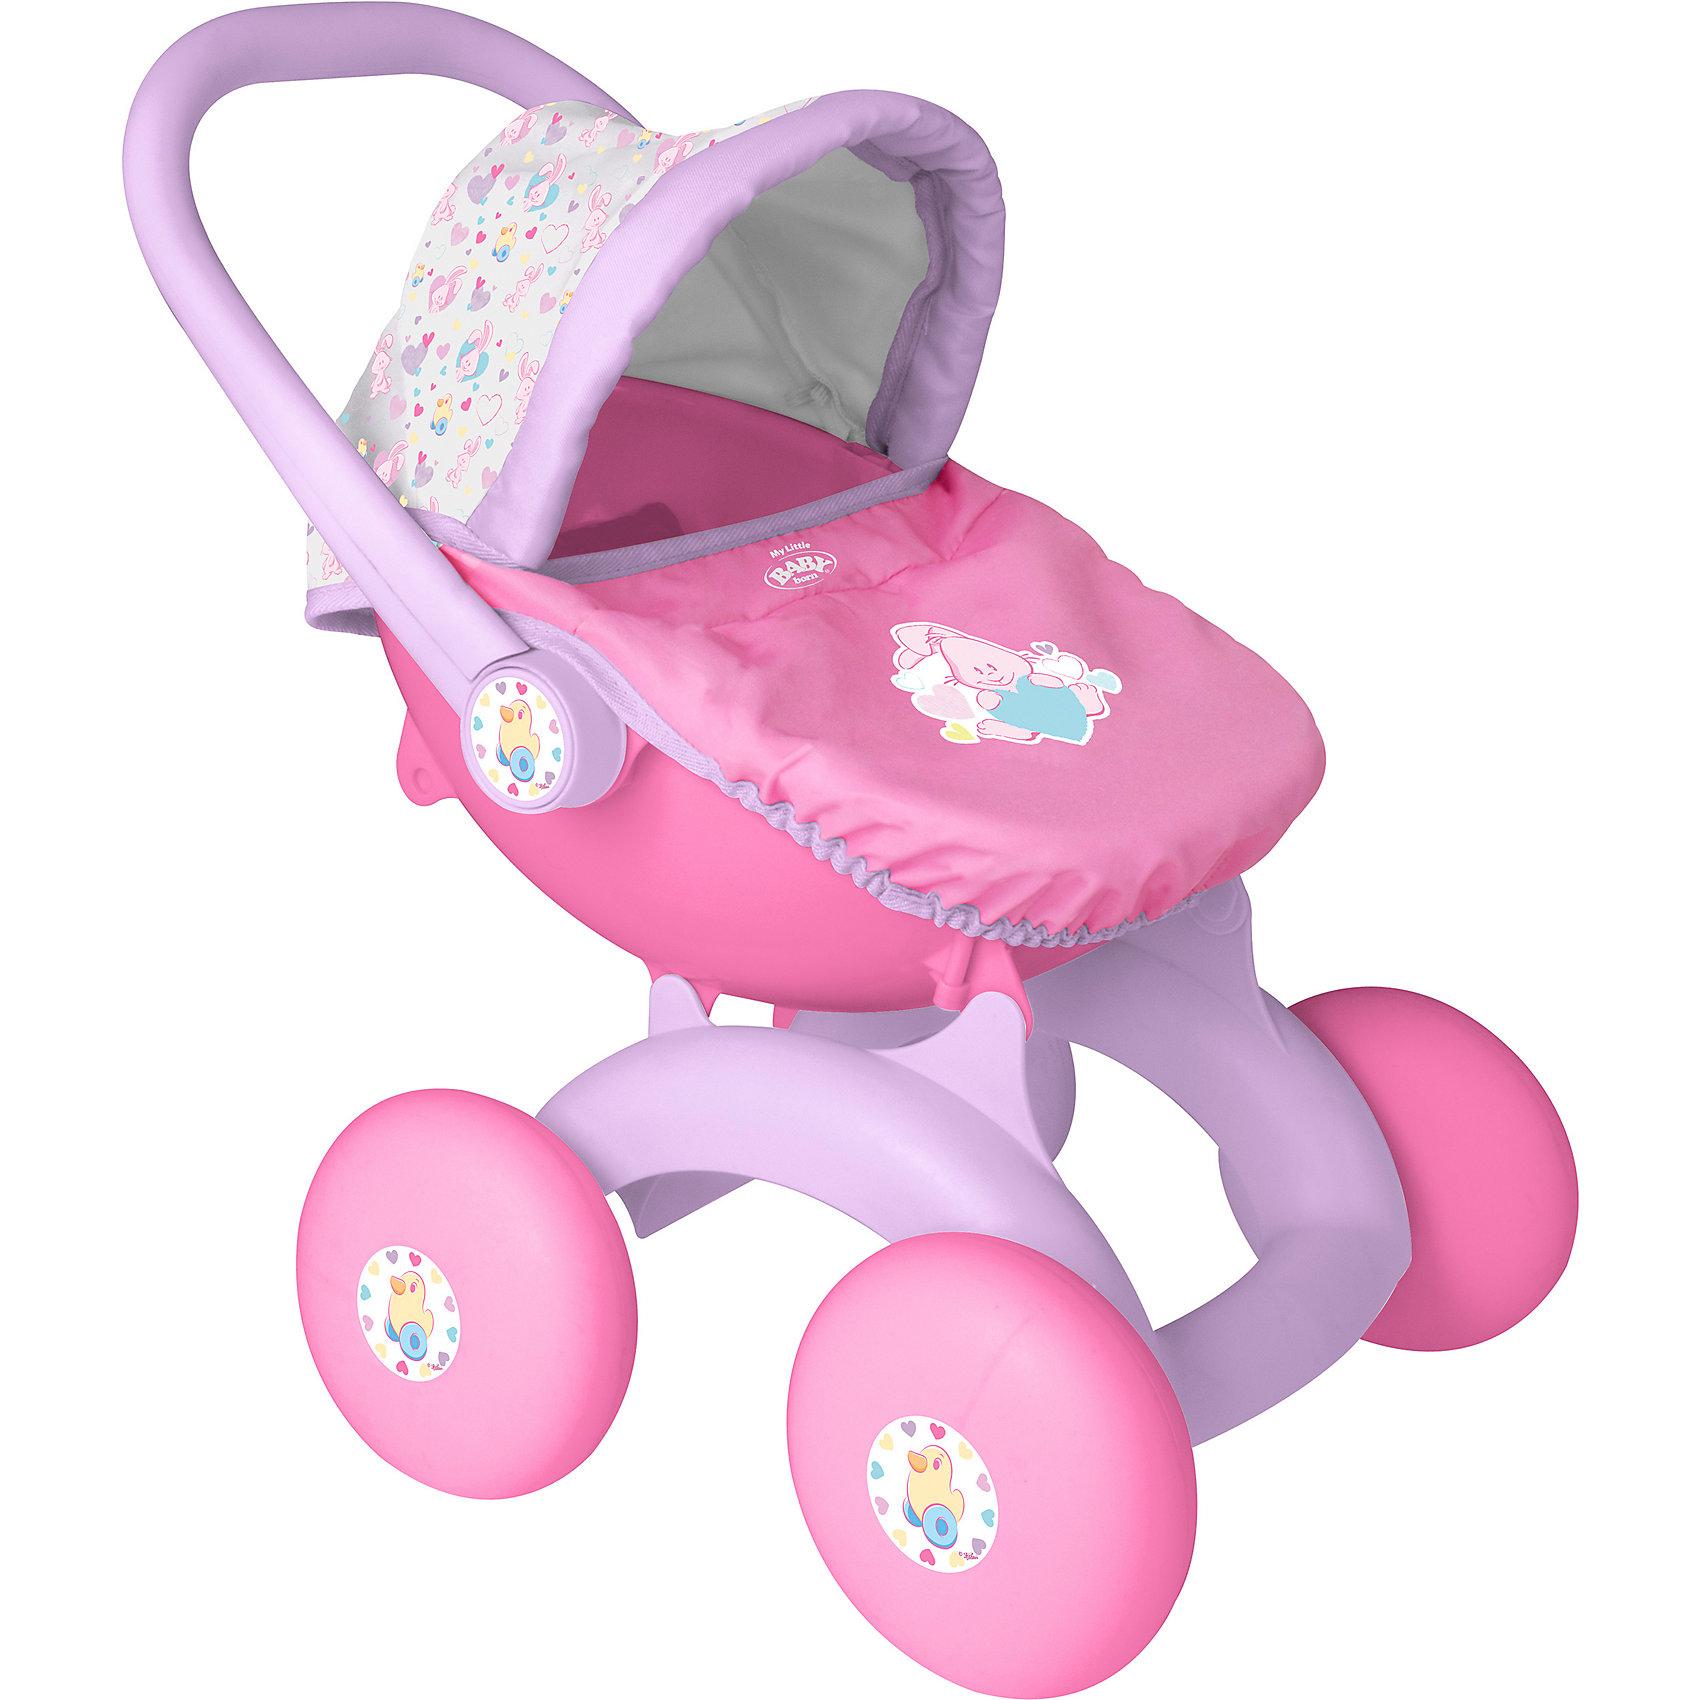 Картинки беби бонов и колясок